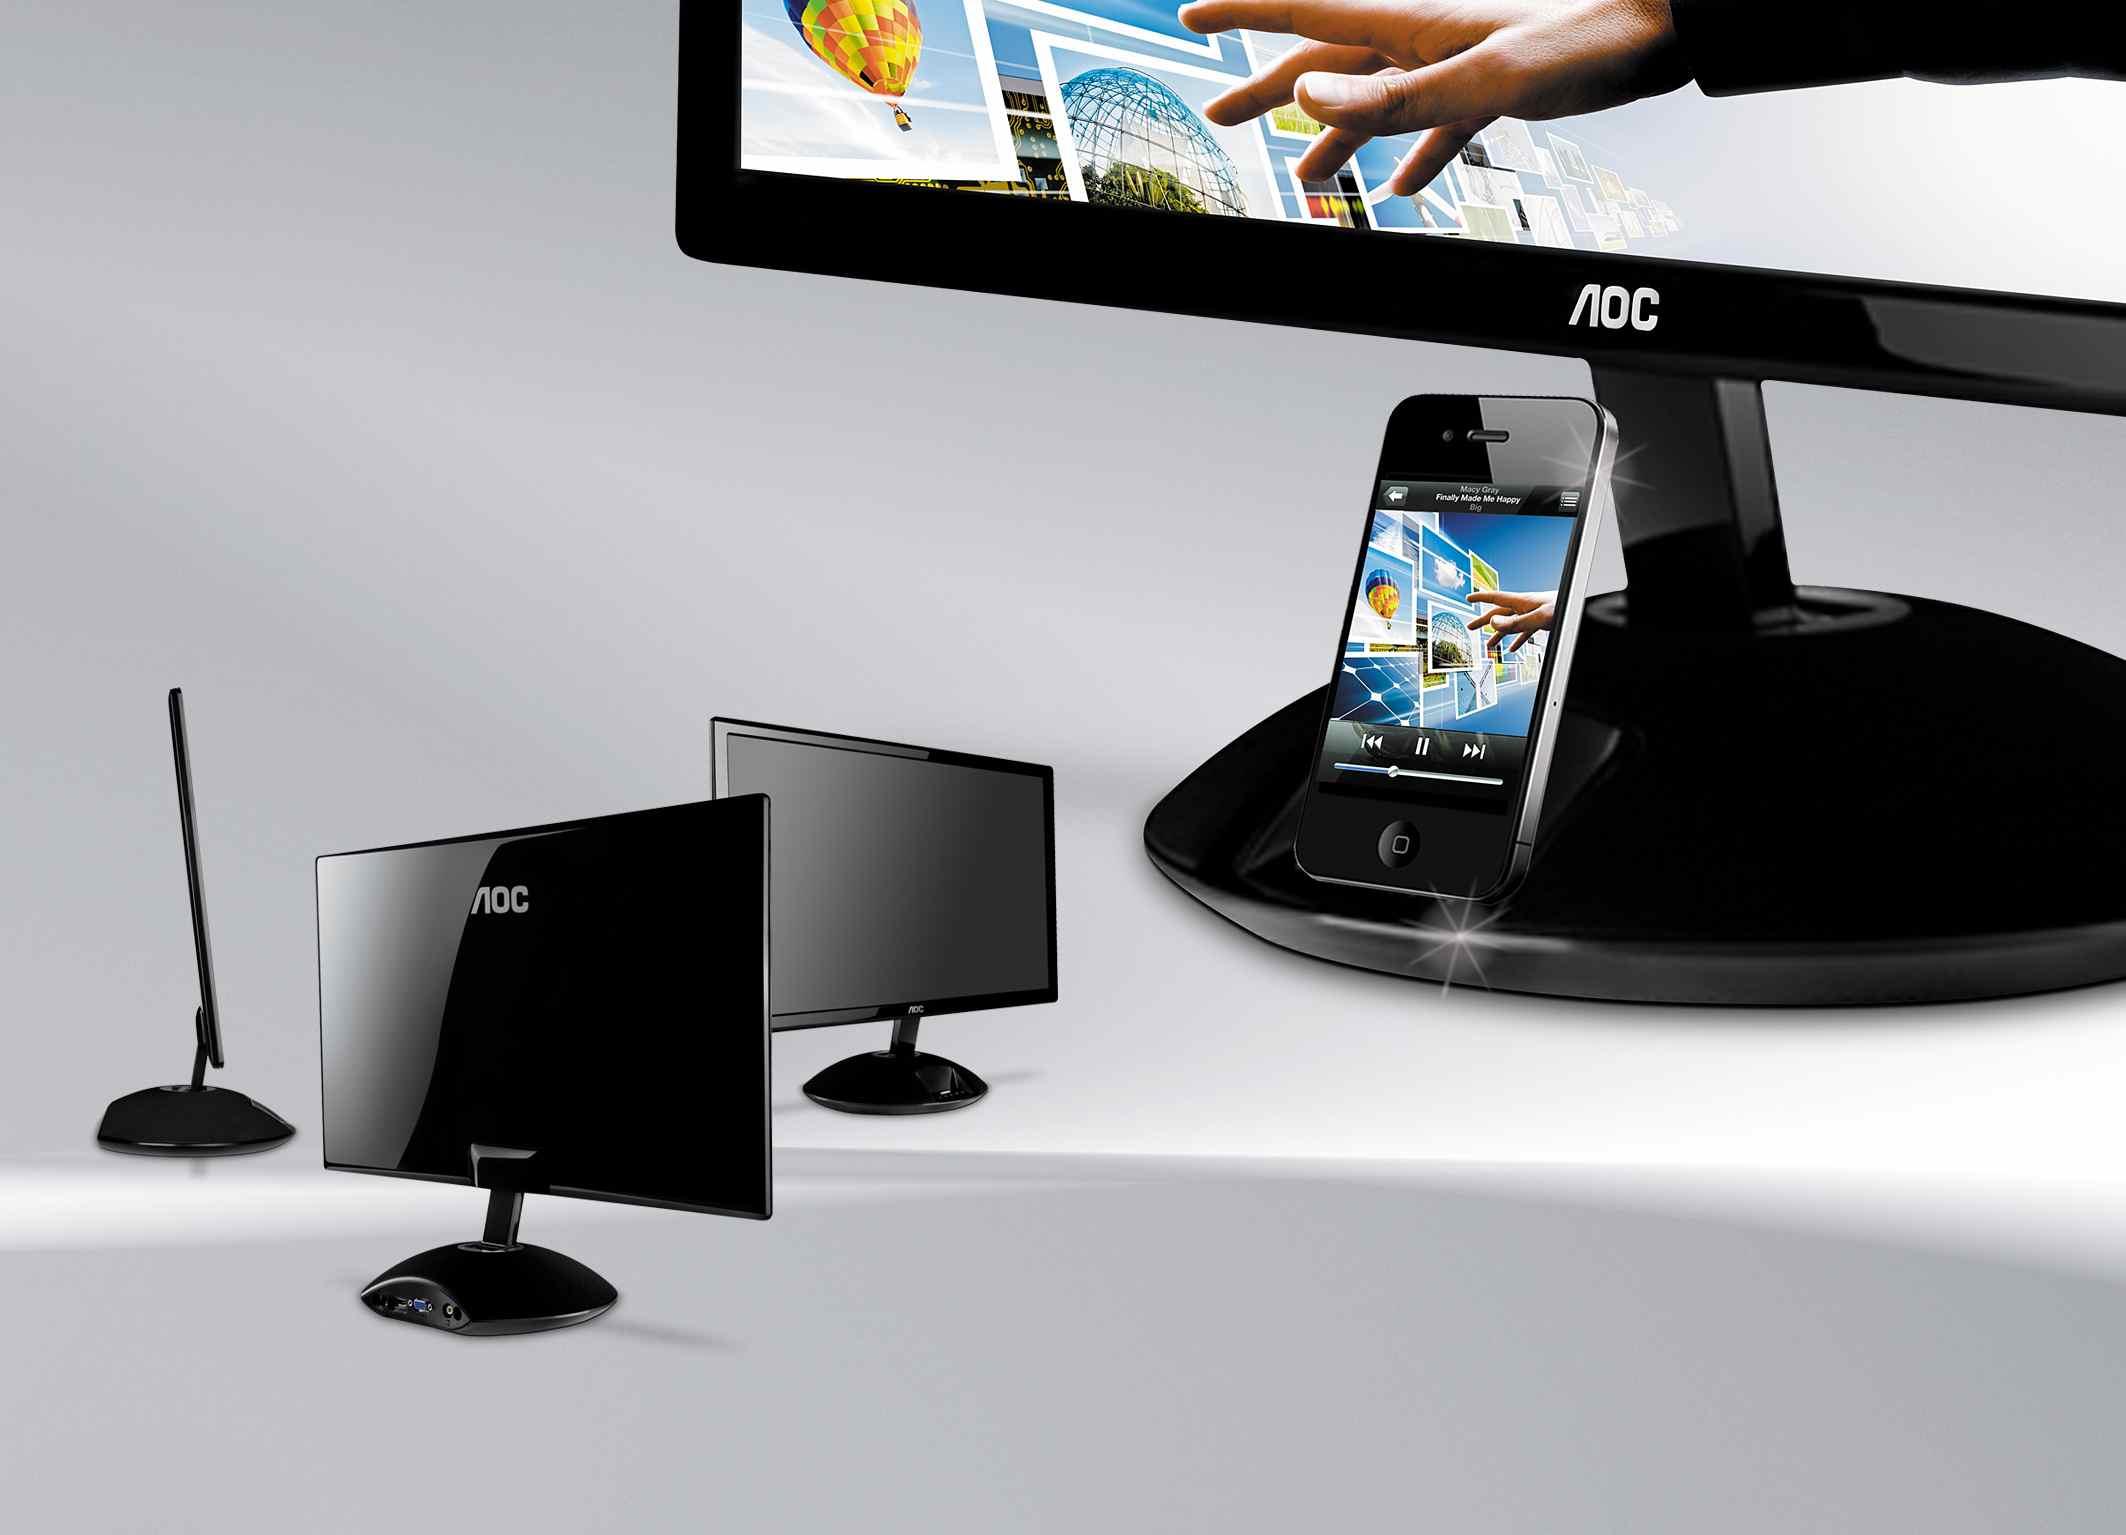 aoc mit neuen monitor und integriertem iphone dock. Black Bedroom Furniture Sets. Home Design Ideas